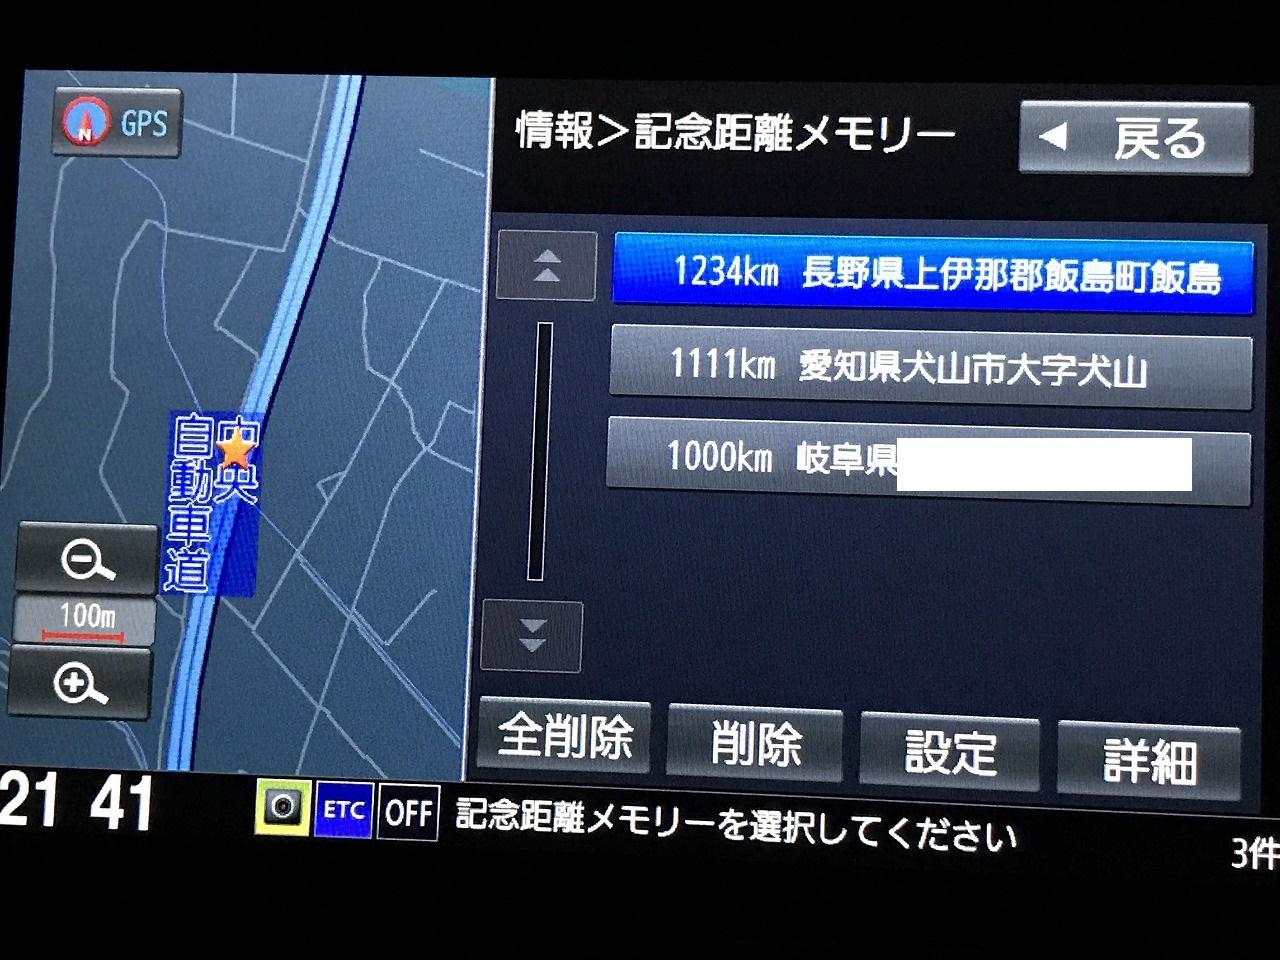 愛車N-BOXのHonda純正インターナビ「VXU-185NBi」の記念距離メモリー表示が面白い^^